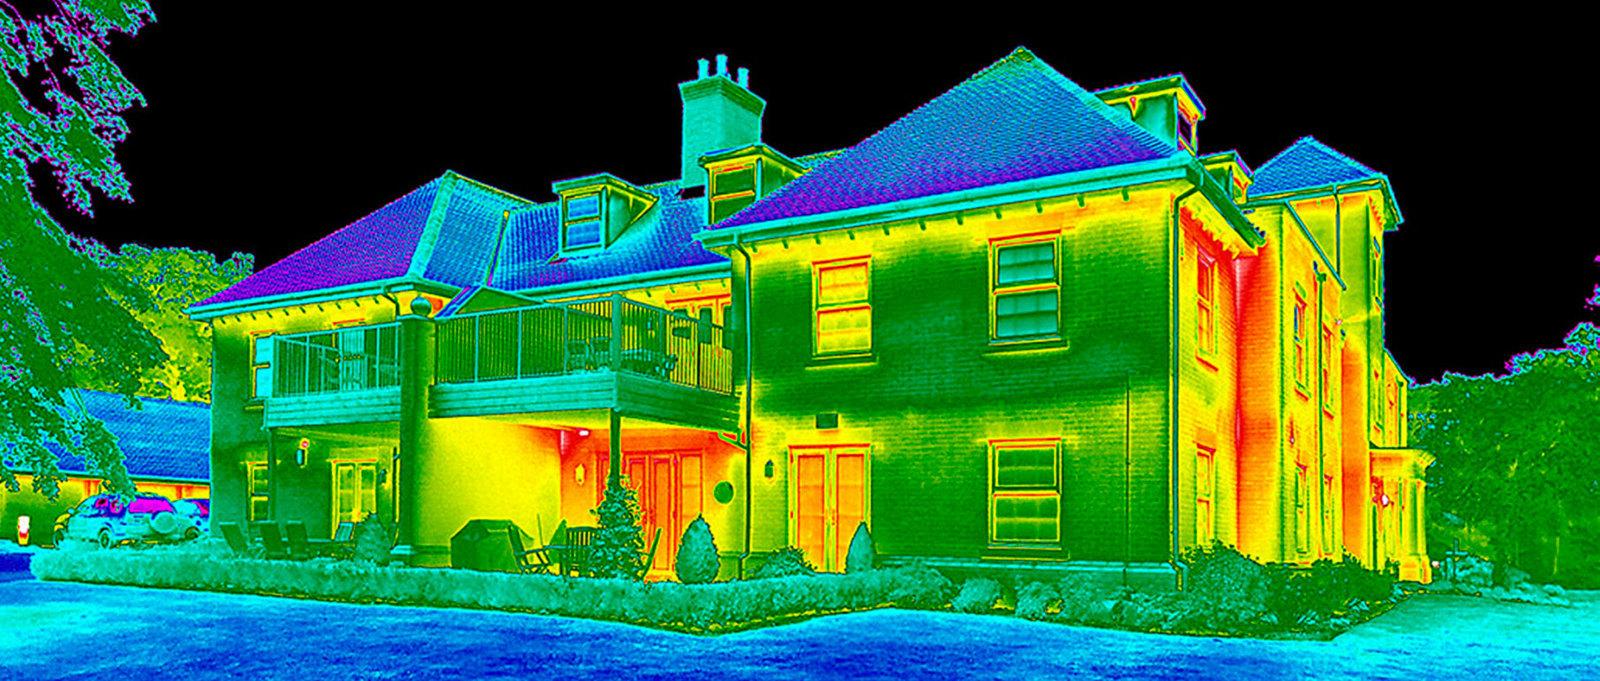 Тепловизионный контроль электрооборудования: понятие, принцип работы, виды и классификация тепловизоров, особенности применения и проверки